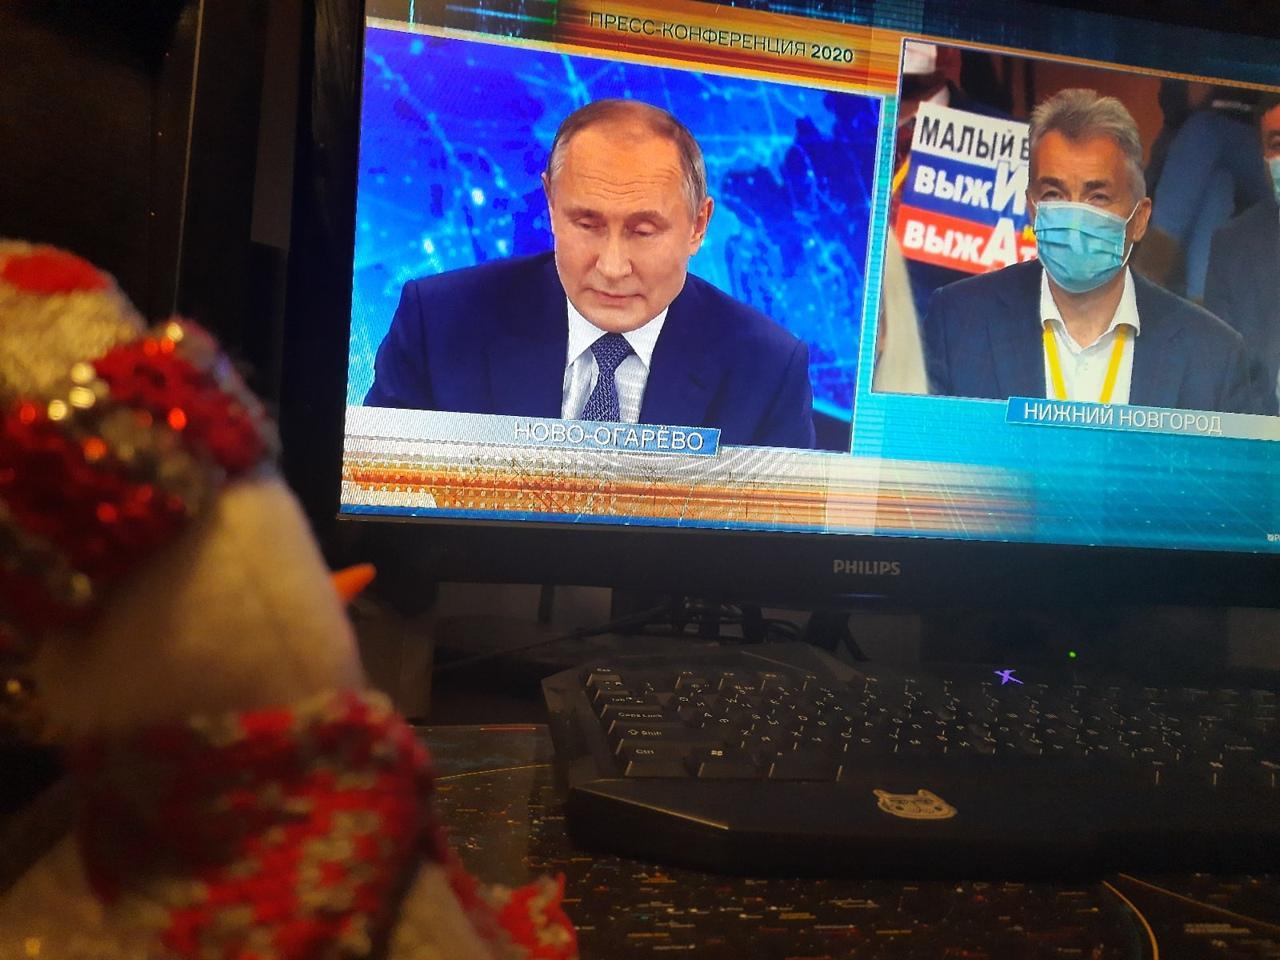 Фото Путин на экране: как котики, депутаты и дольщики в Новосибирске смотрят большую пресс-конференцию президента 17